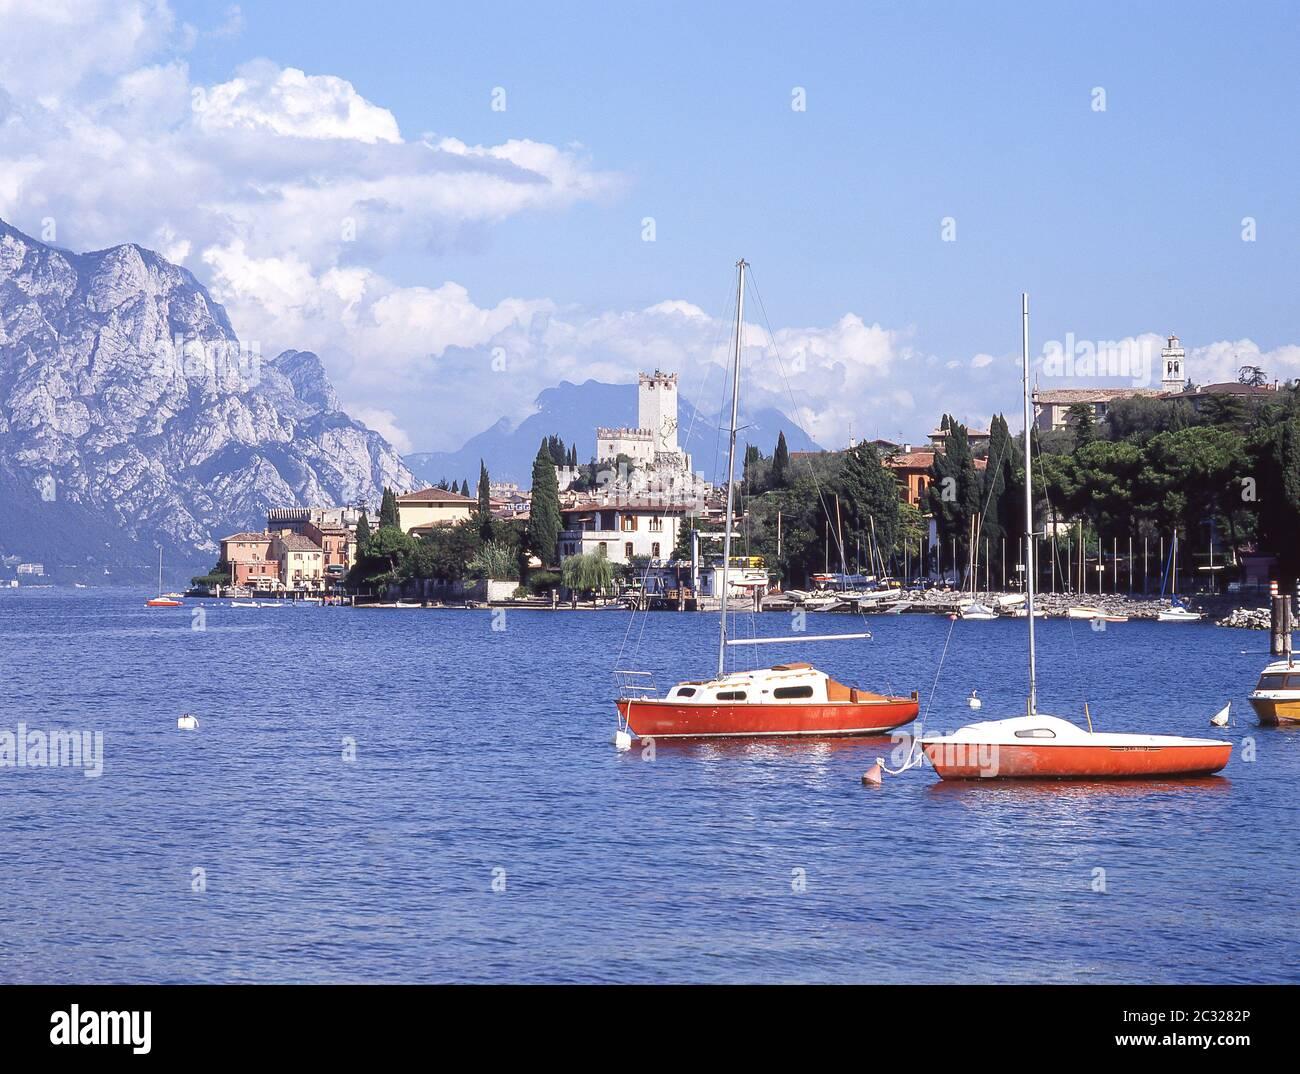 Barcos en el puerto en el Lago de Garda, Malcsene, provincia de Verona, región de Veneto, Italia Foto de stock